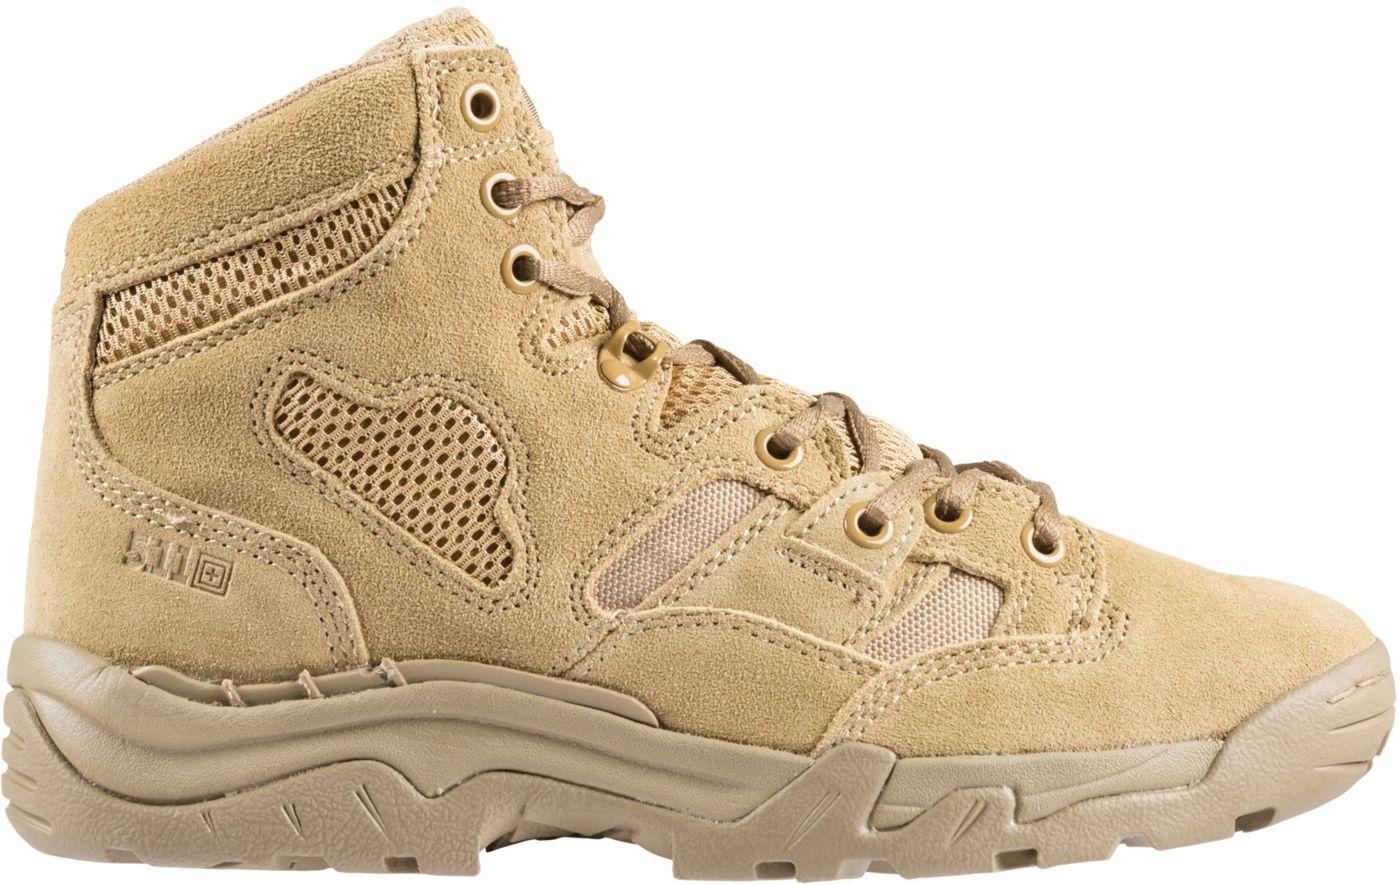 5.11 Tactical Men's Taclite 6'' Coyote Tactical Boots